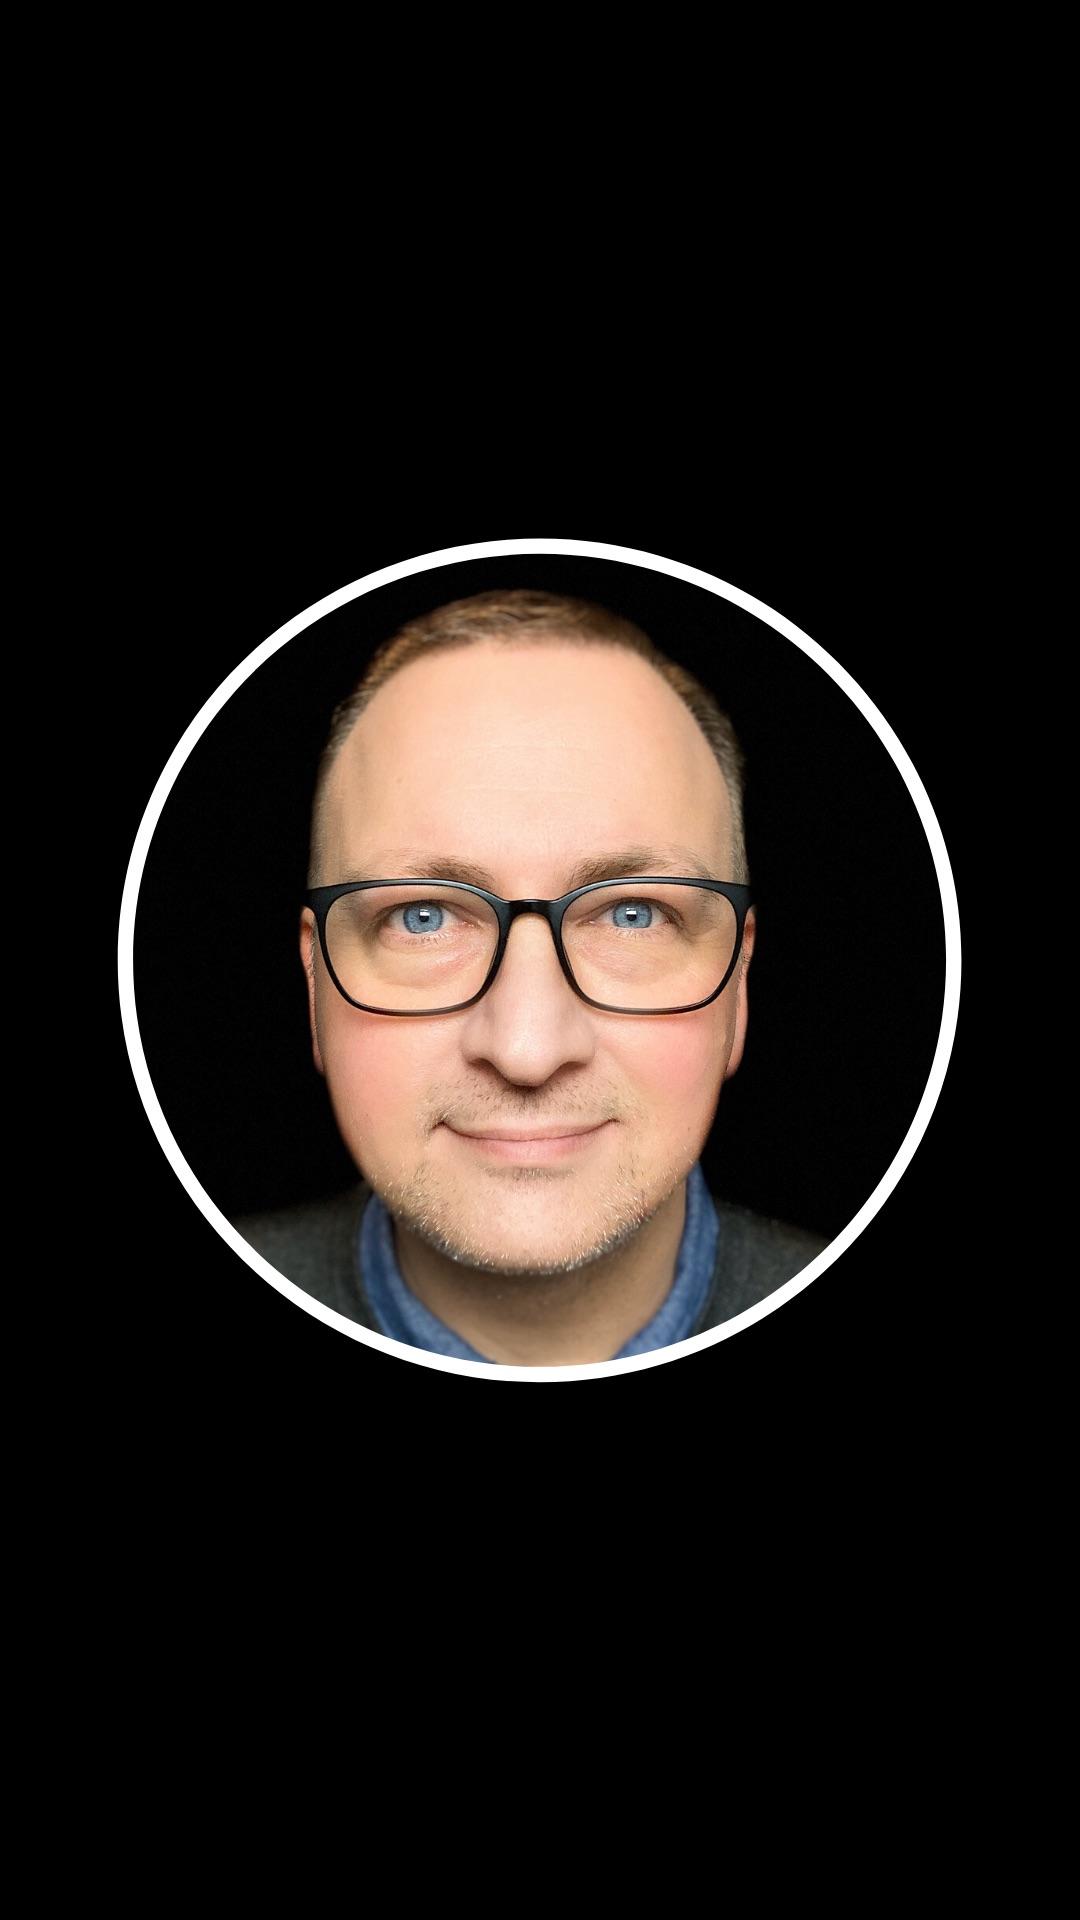 Jan von Berg